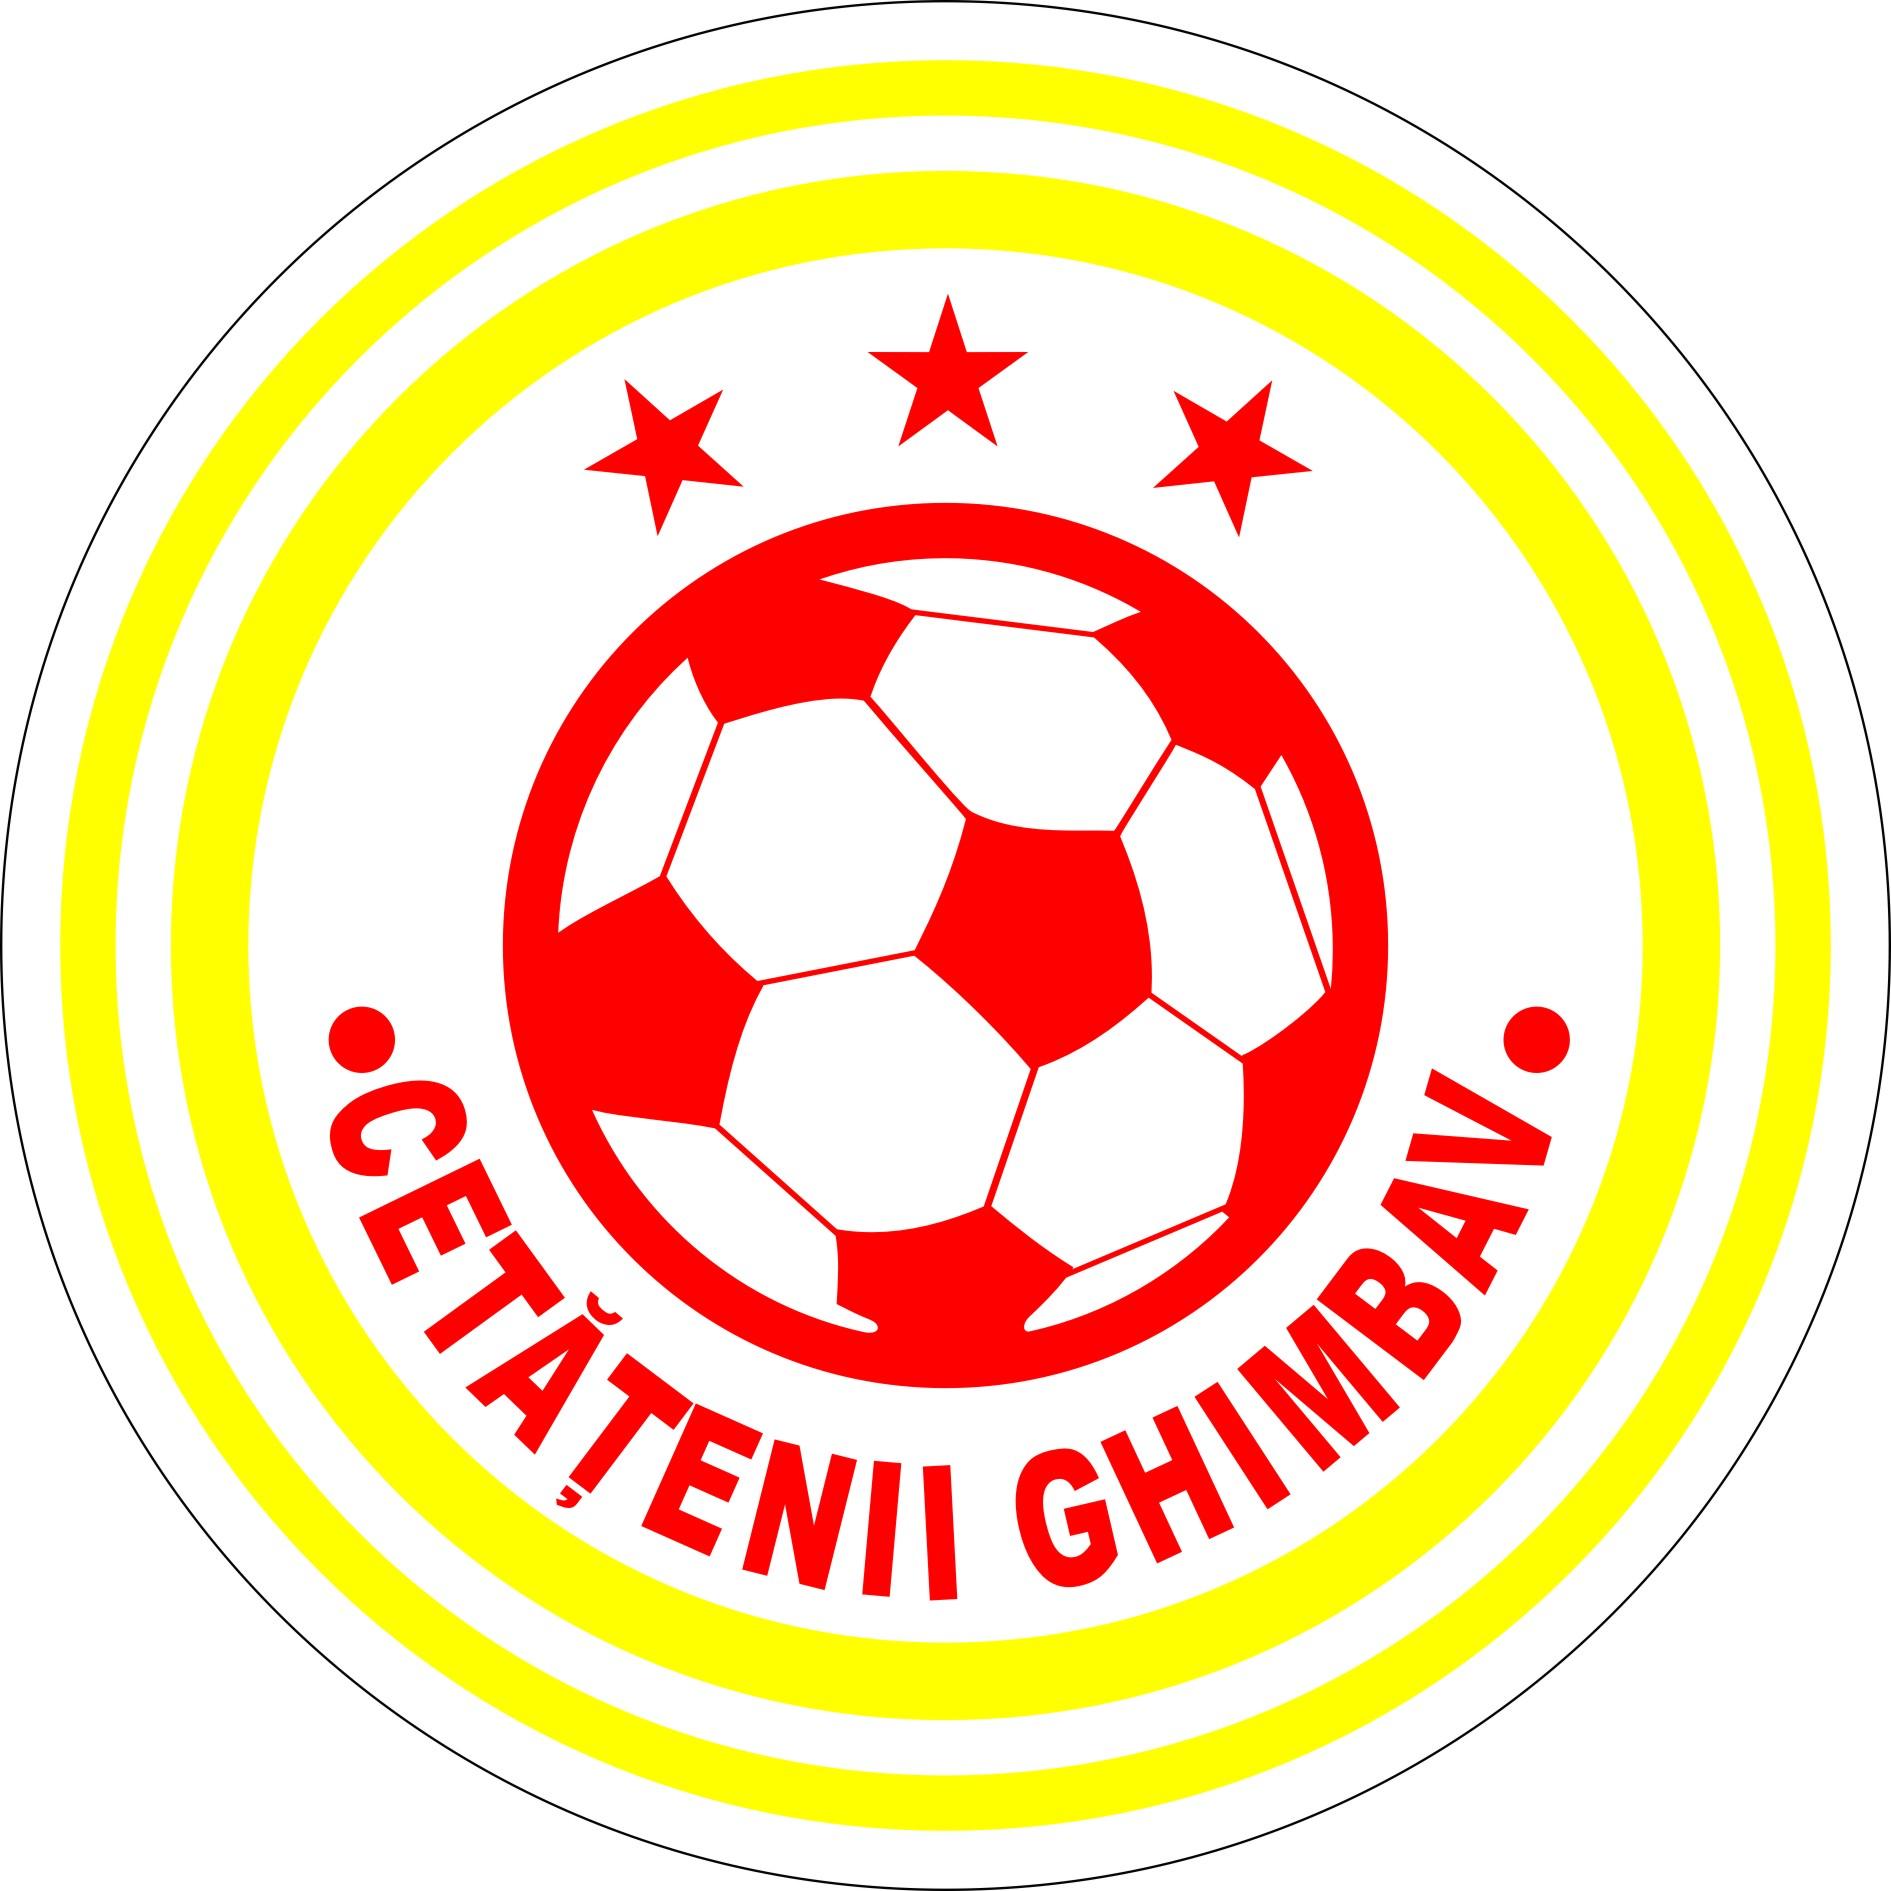 A.S. Cetățenii Ghimbav